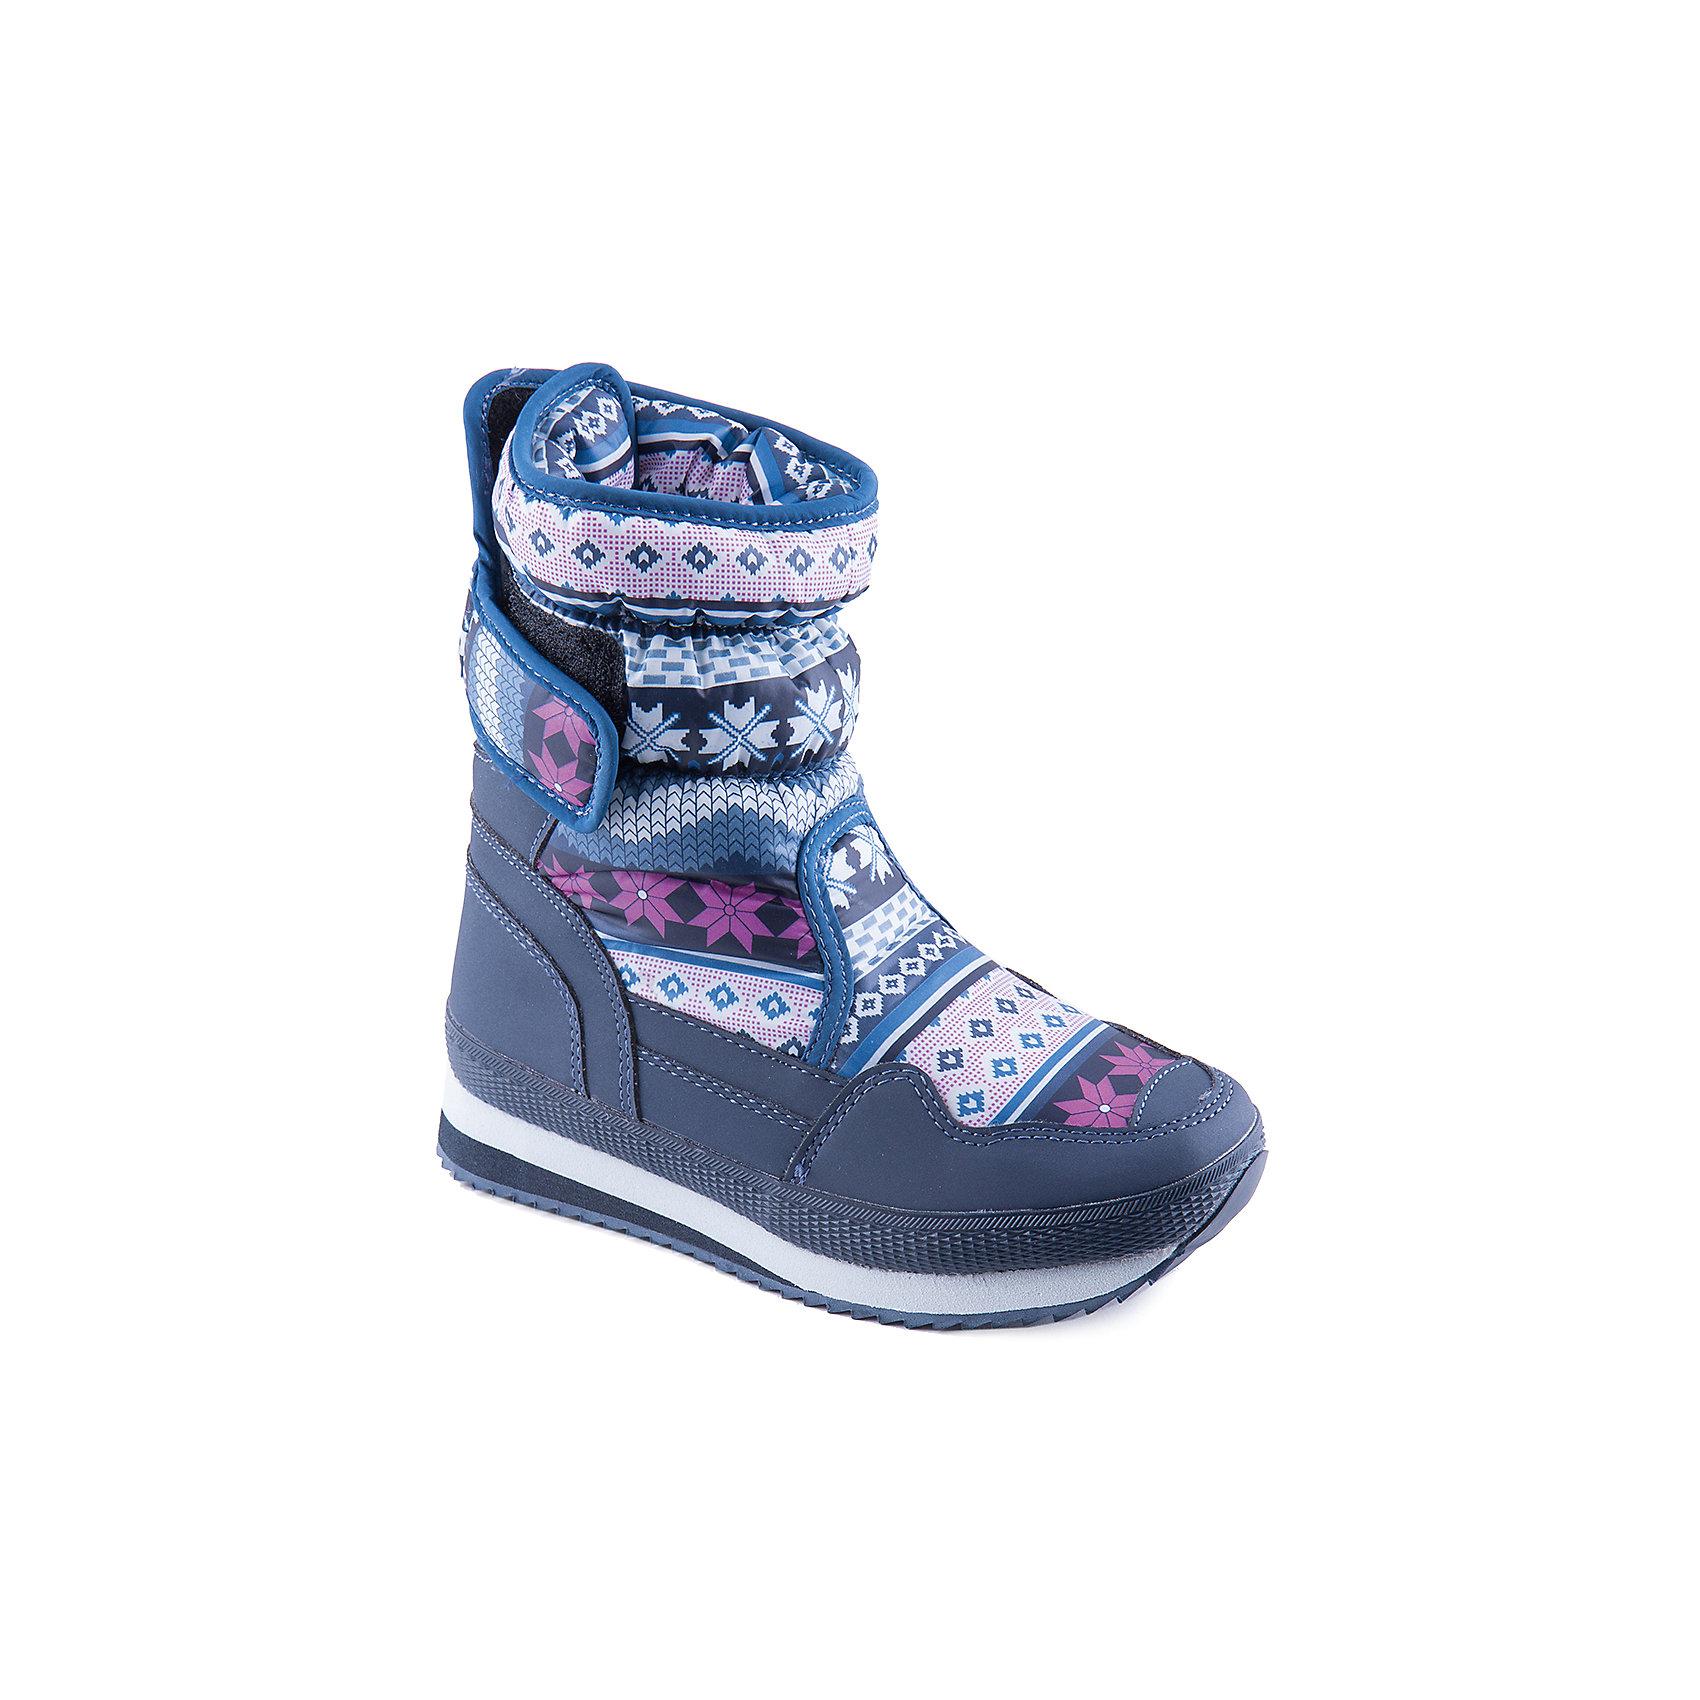 Дутики для девочки MursuОбувь<br>Стильные сапоги от известного бренда MURSU порадуют всех юных модниц. Модель имеет толстую подошву, отлично защищающую ноги от холода, выполнена из высококачественных материалов, очень хорошо смотрится на ноге.   Прекрасный вариант на холодную погоду. <br><br>Дополнительная информация:<br><br>- Сезон: зима/осень.<br>- Тепловой режим: от -5? до -25? <br>- Рифленая подошва.<br>- Тип застежки: липучка. <br>- Декоративные элементы: принт, отстрочка.<br><br>Состав:<br>- Материал верха: текстиль/ искусственная замша.<br>- Материал подкладки: искусственная шерсть.<br>- Материал подошвы: TEP.<br>- Материал стельки: искусственная шерсть.<br><br>Сапоги для девочки MURSU (Мурсу) можно купить в нашем магазине.<br><br>Ширина мм: 257<br>Глубина мм: 180<br>Высота мм: 130<br>Вес г: 420<br>Цвет: синий<br>Возраст от месяцев: 132<br>Возраст до месяцев: 144<br>Пол: Женский<br>Возраст: Детский<br>Размер: 35,34,37,32,36,33<br>SKU: 4202589